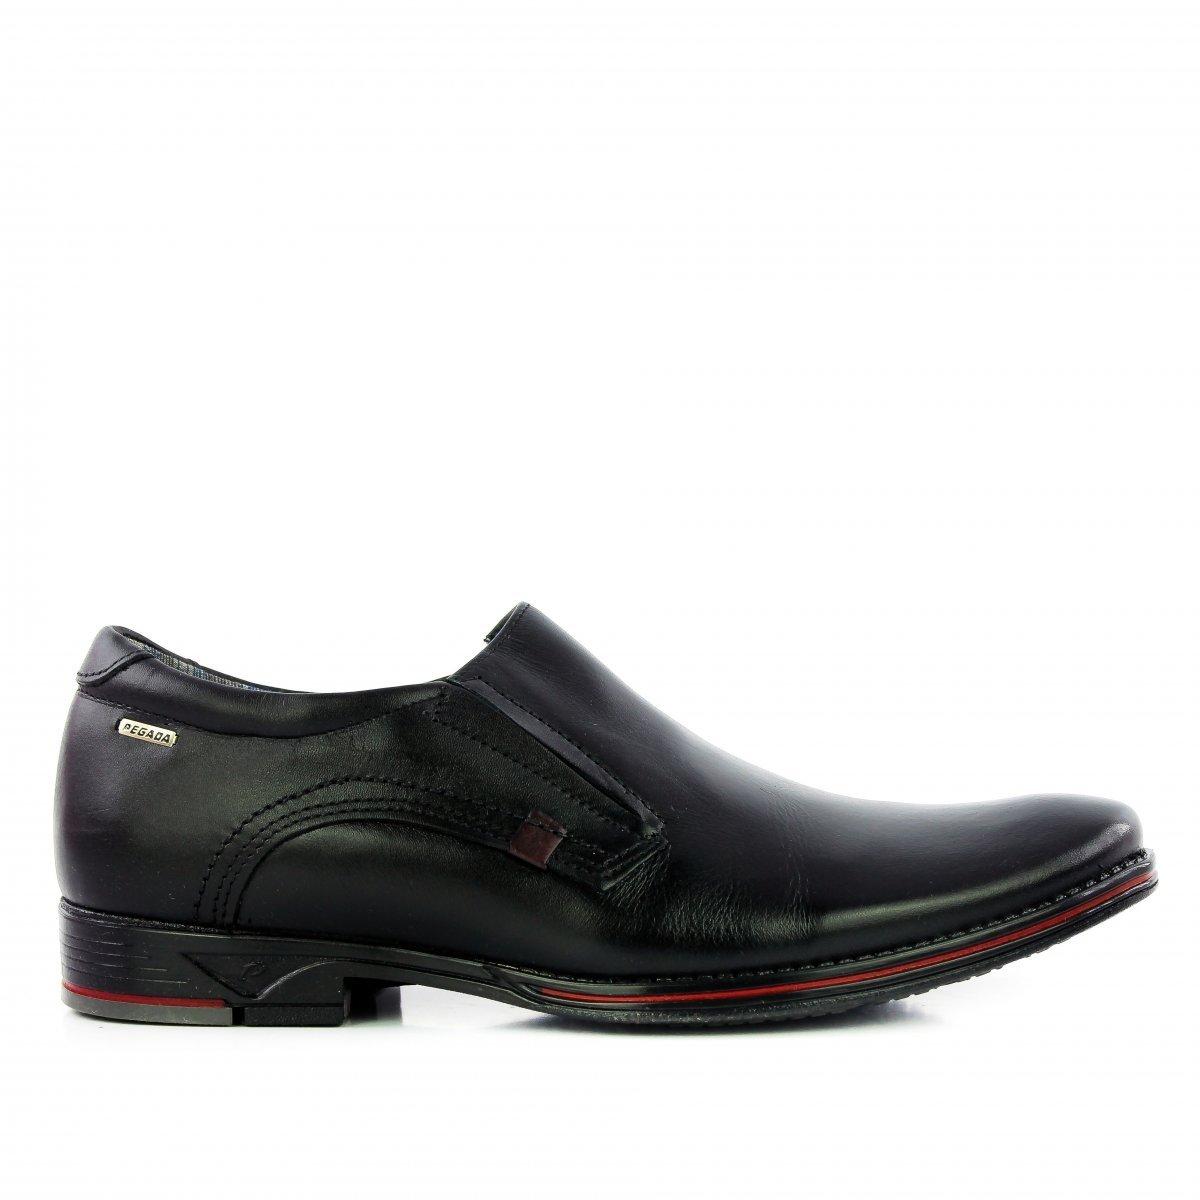 Pegada Pegada Pegada Preto Couro Sapato Em Couro Preto Sapato Sapato Em 5FtO7RnqF